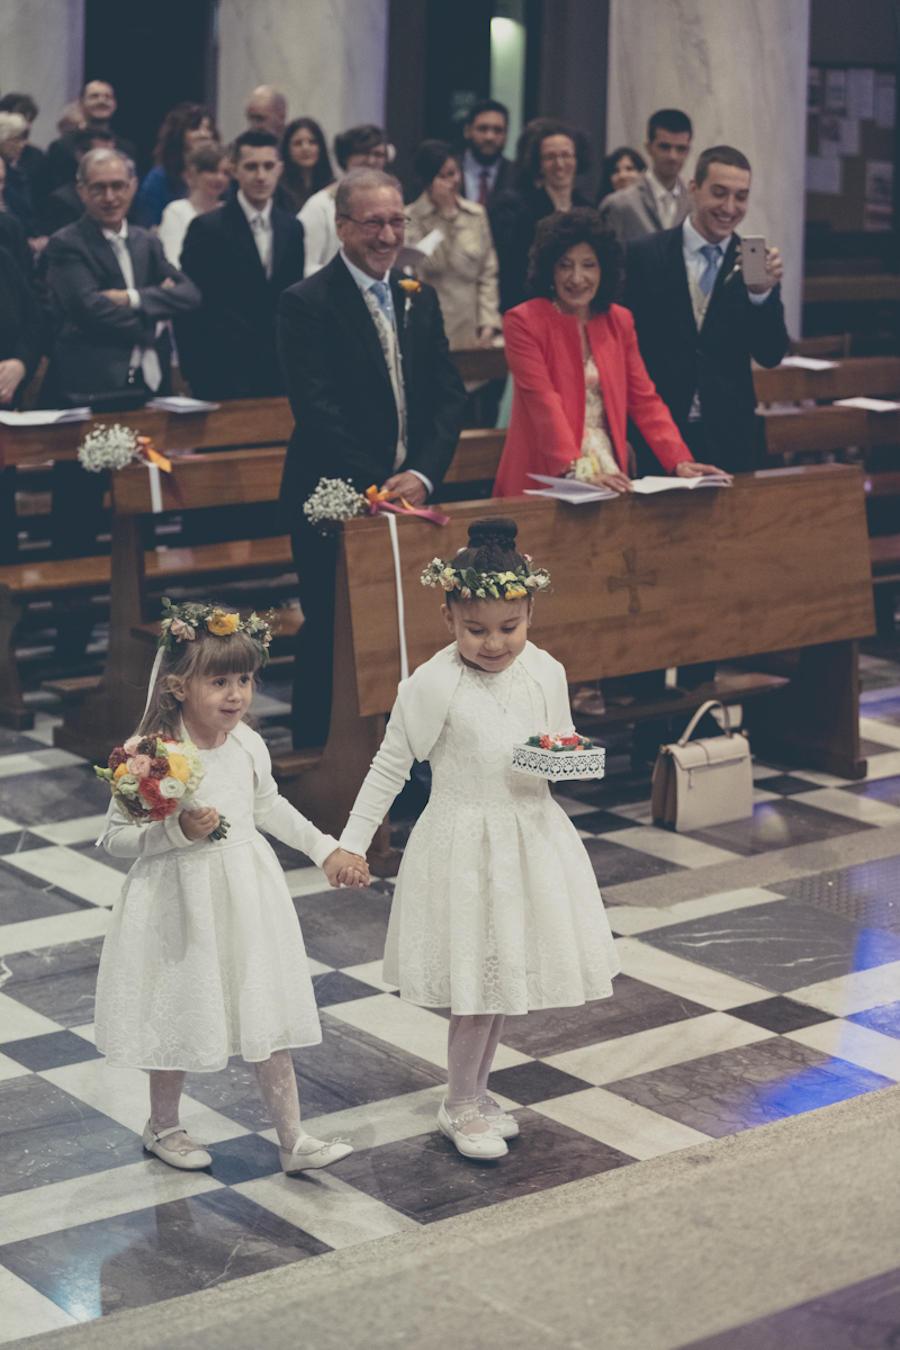 matrimonio-colorato-con-fenicotteri-matrimonio-adhoc-08